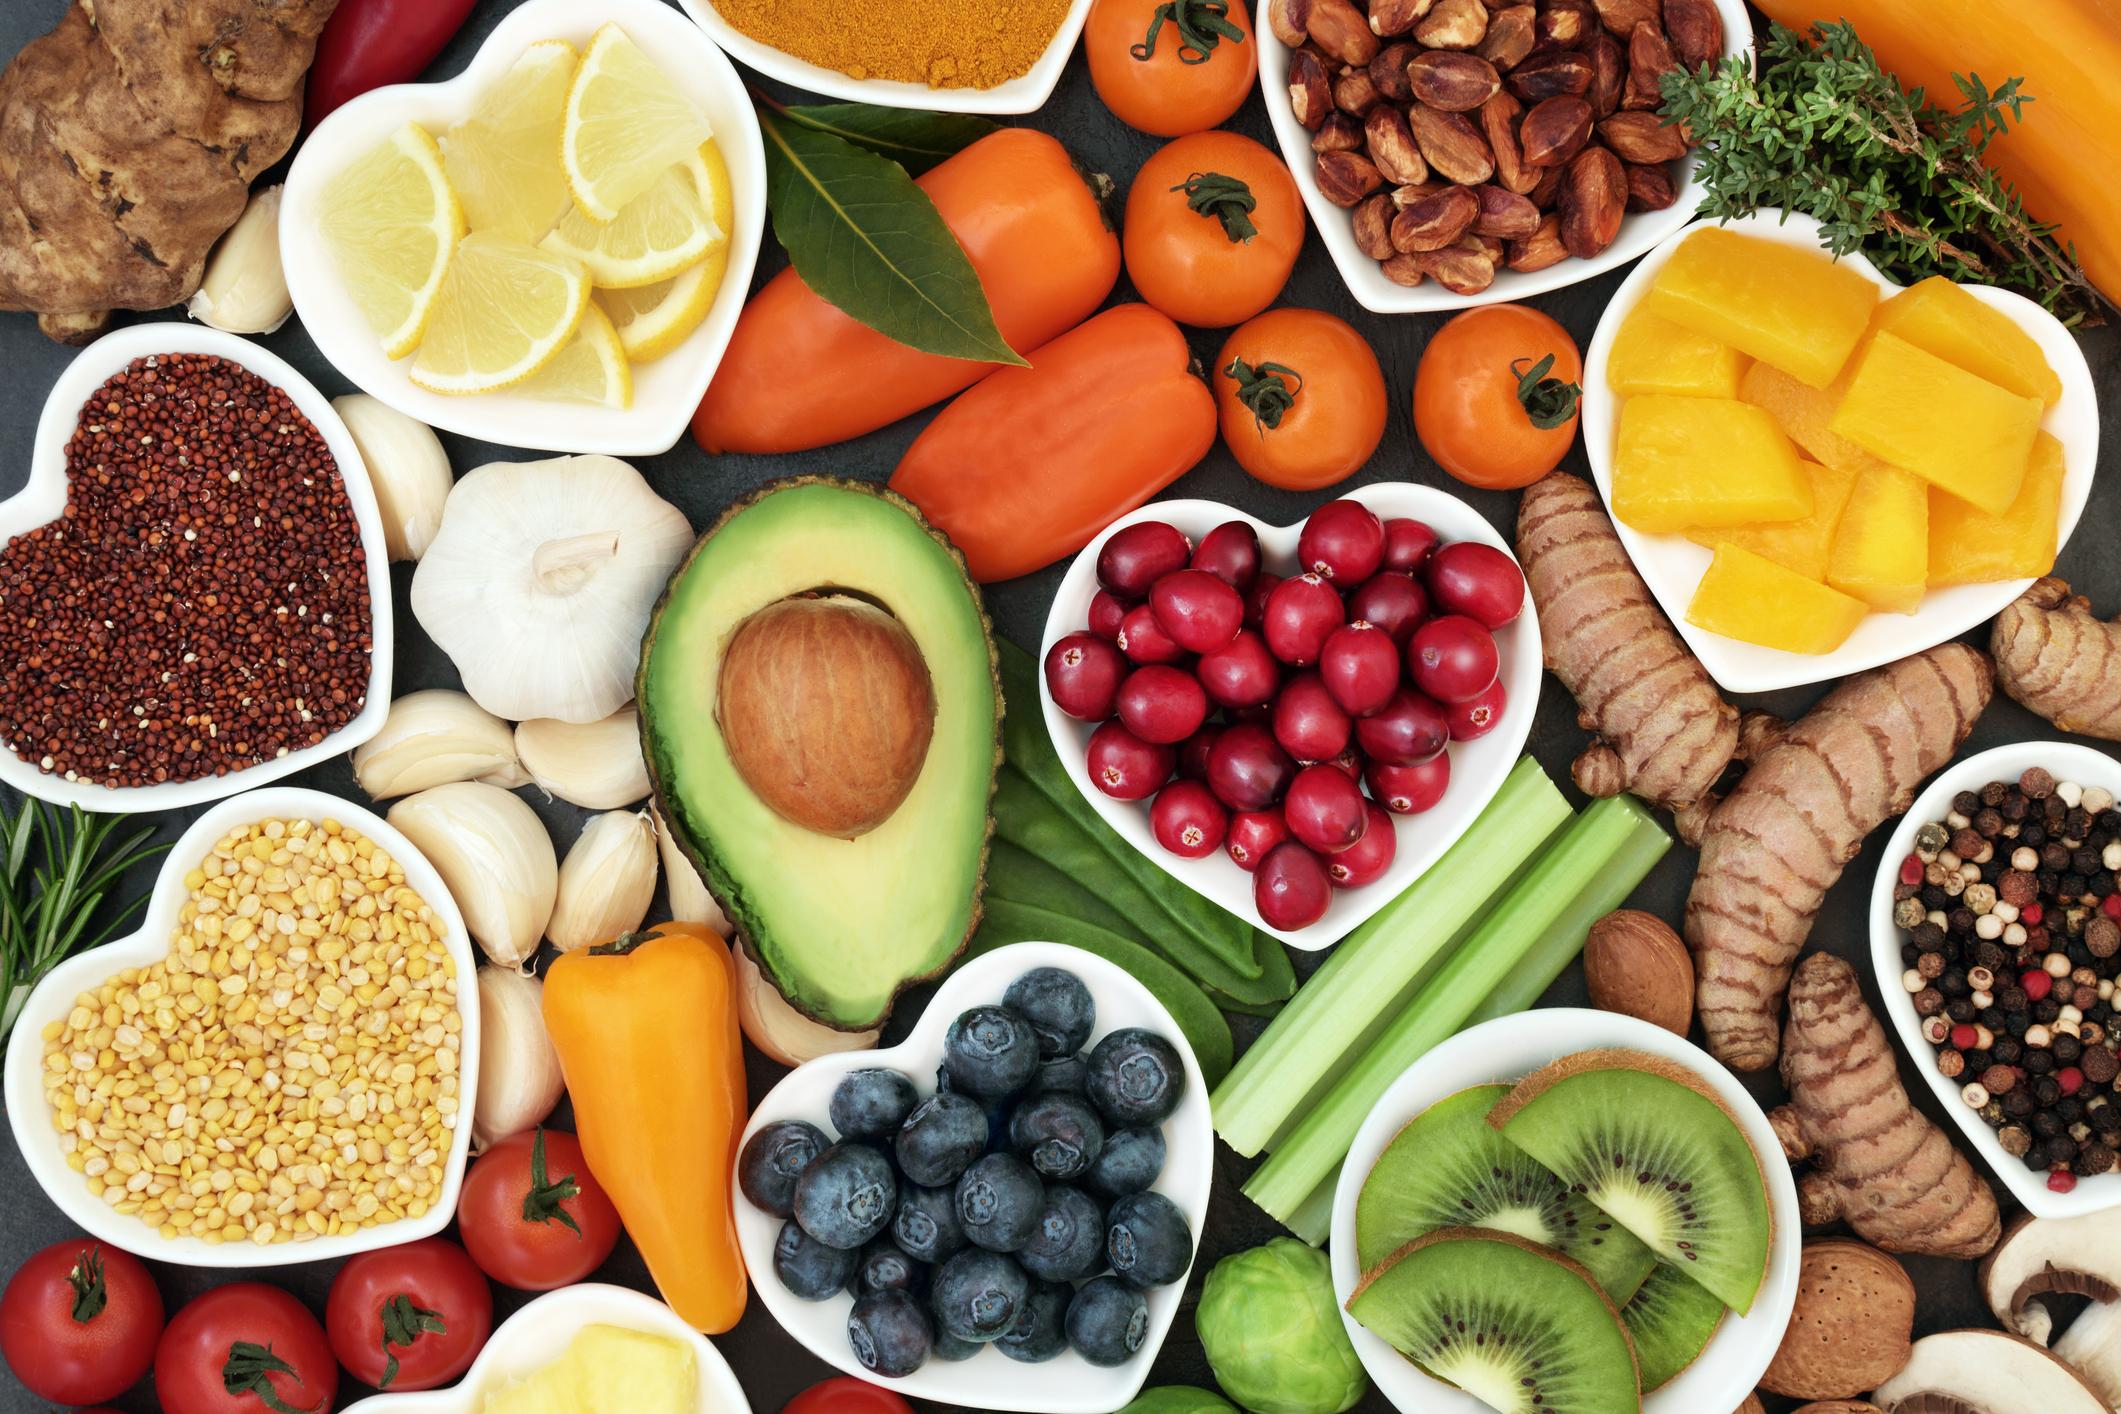 järn i vegetarisk kost